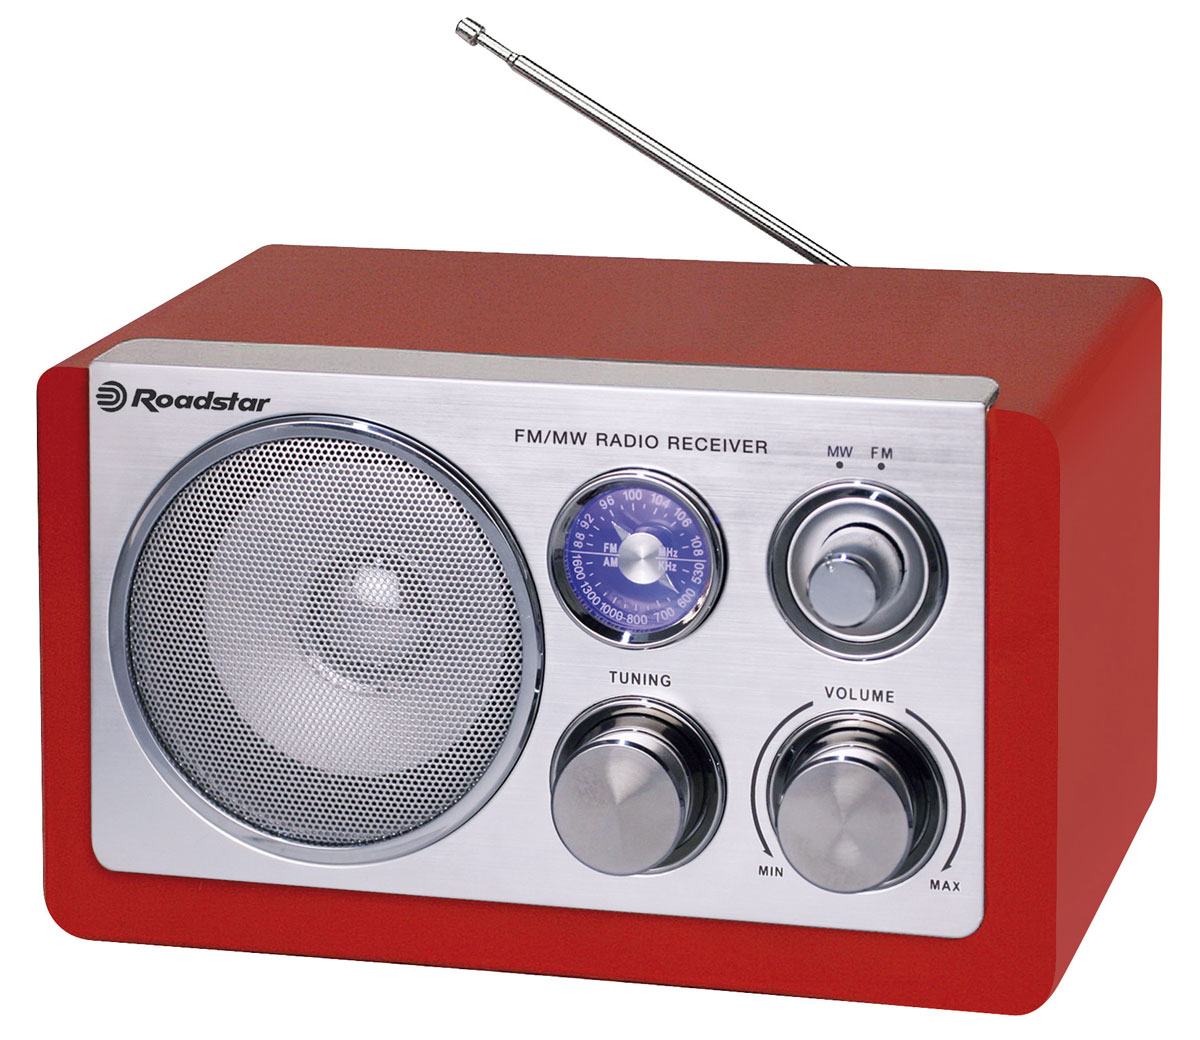 RoadStar HRA-1200N/RD, Red, ретро-радиоприемникHRA-1200N/RDОригинальный проигрыватель RoadStar HRA-1200N станет актуальным подарком для меломана или просто любителя ретро-дизайна. Внешне ретро проигрыватель напоминает старинные радиоприемники. Корпус изготовлен из полированного дерева. Качественное звучание действительно поразит вас и доставит удовольствие при прослушивании любимых радиостанций.